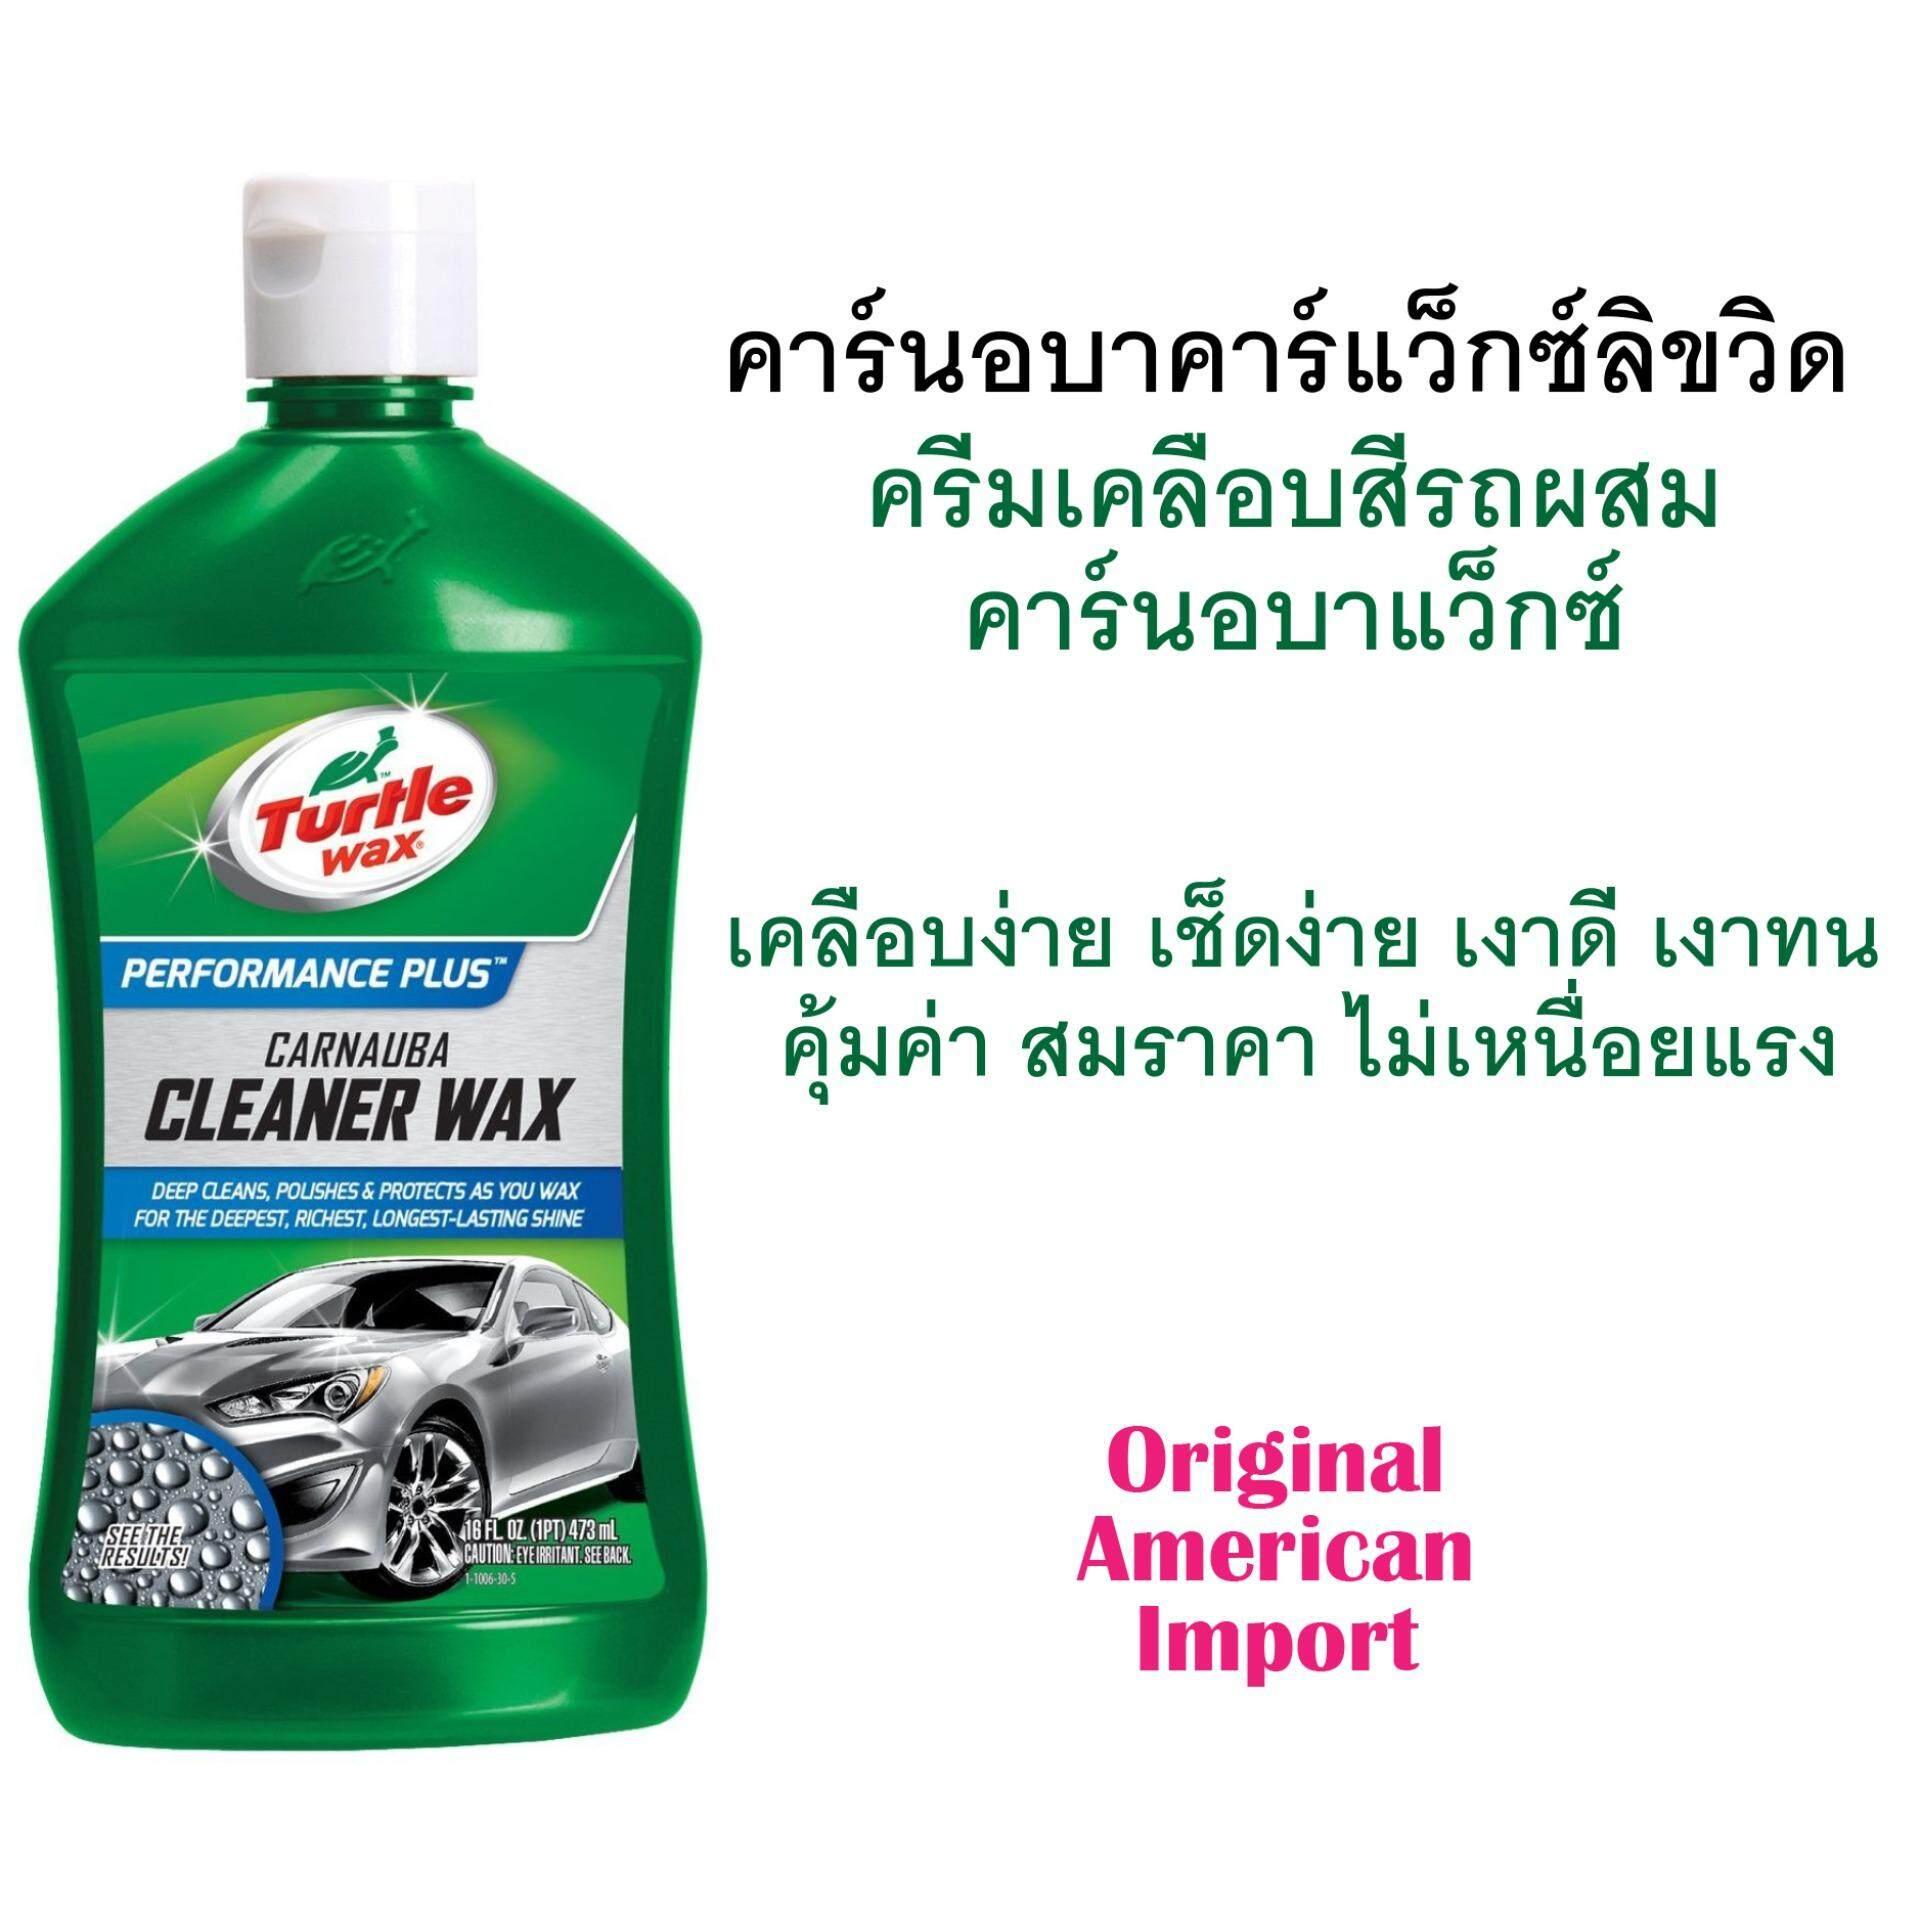 Turtle Wax Thailand Turtlewax T 3kt Jet Black Box Finish Kit Carnauba Car Liquid 16 Floz